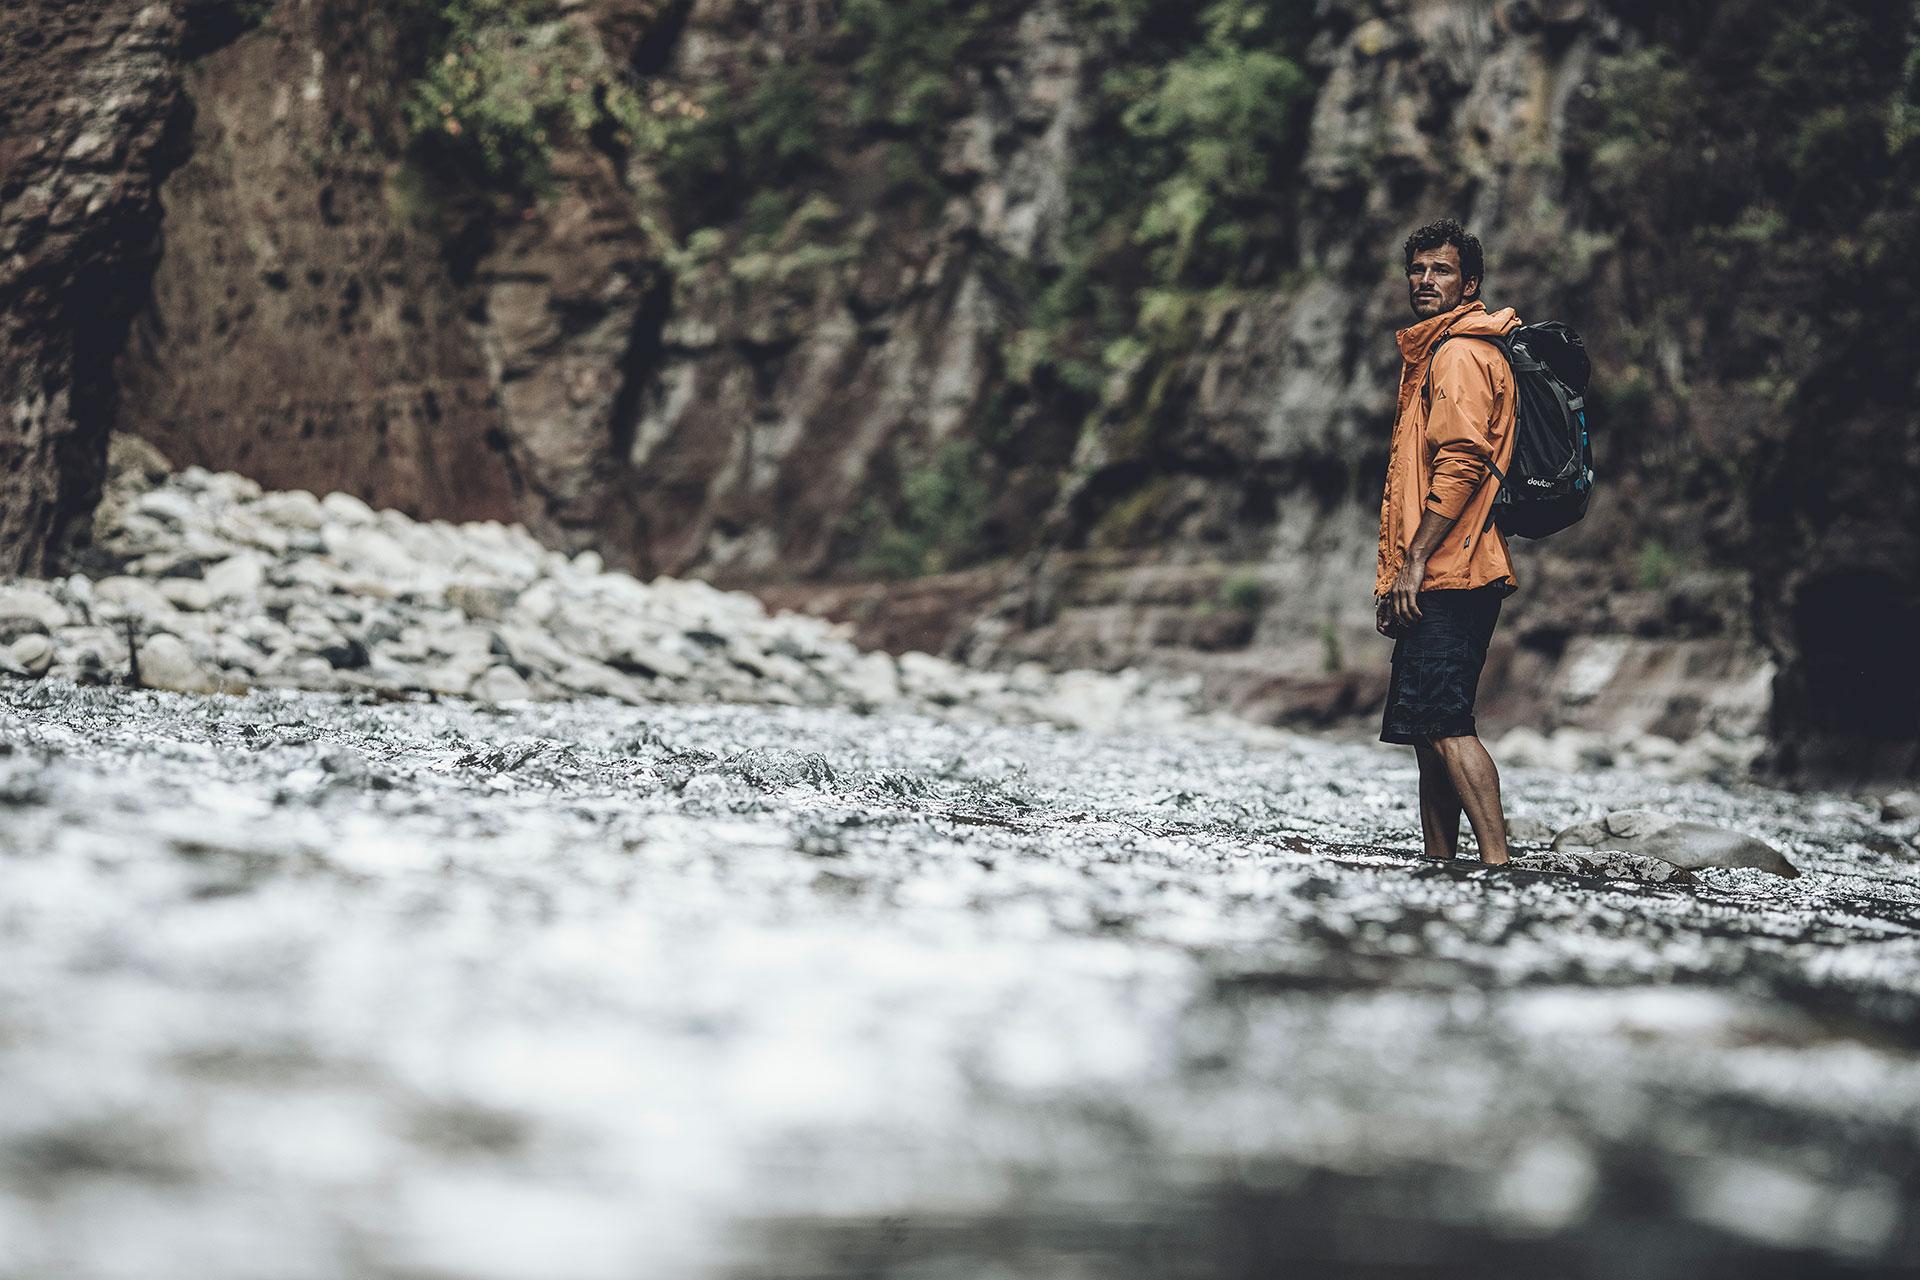 fotograf outdoor sport wandern trekking schoeffel schlucht seealpen deutschland nuernberg